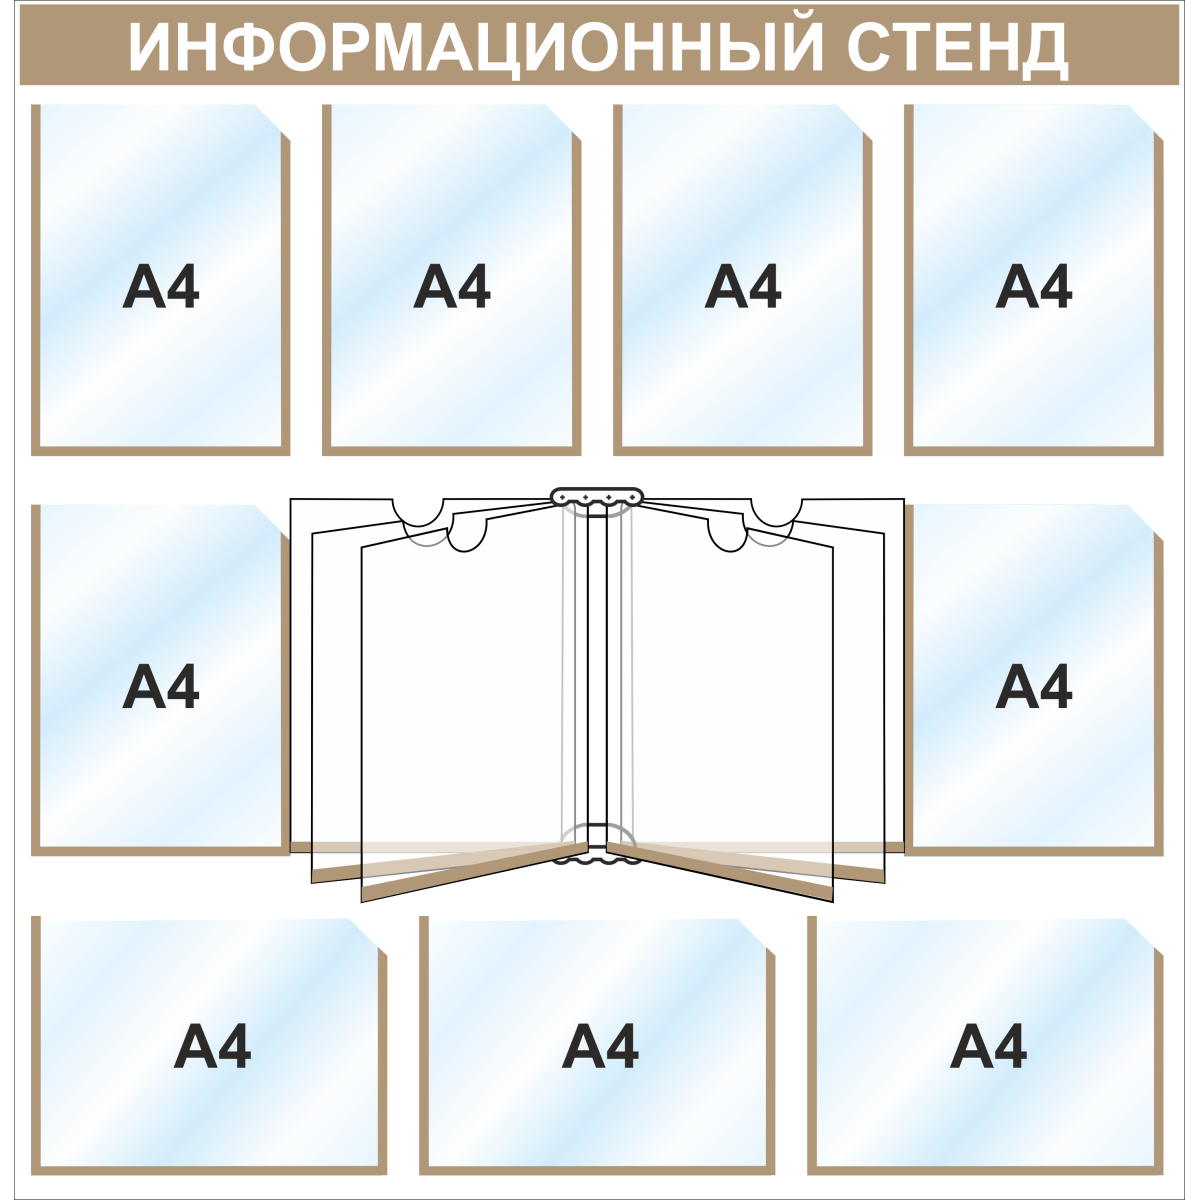 Стенд информационный 3242 1000*1000 мм, 9 карманов А4, 1 книга А4